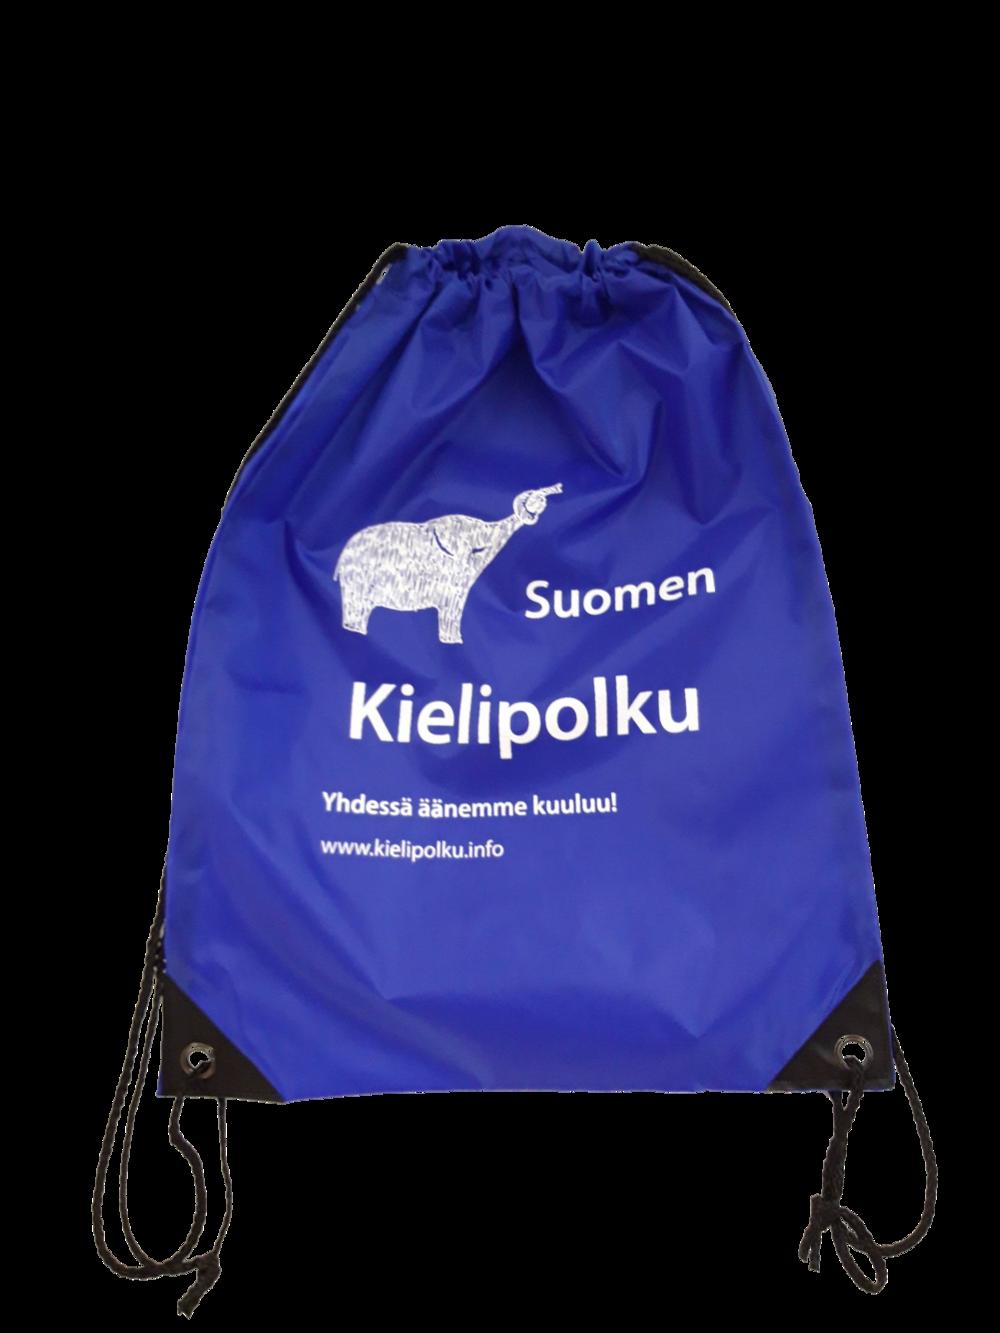 Sininen jumppapussi, jossa valkoisella norsulogo ja Suomen Kielipolku